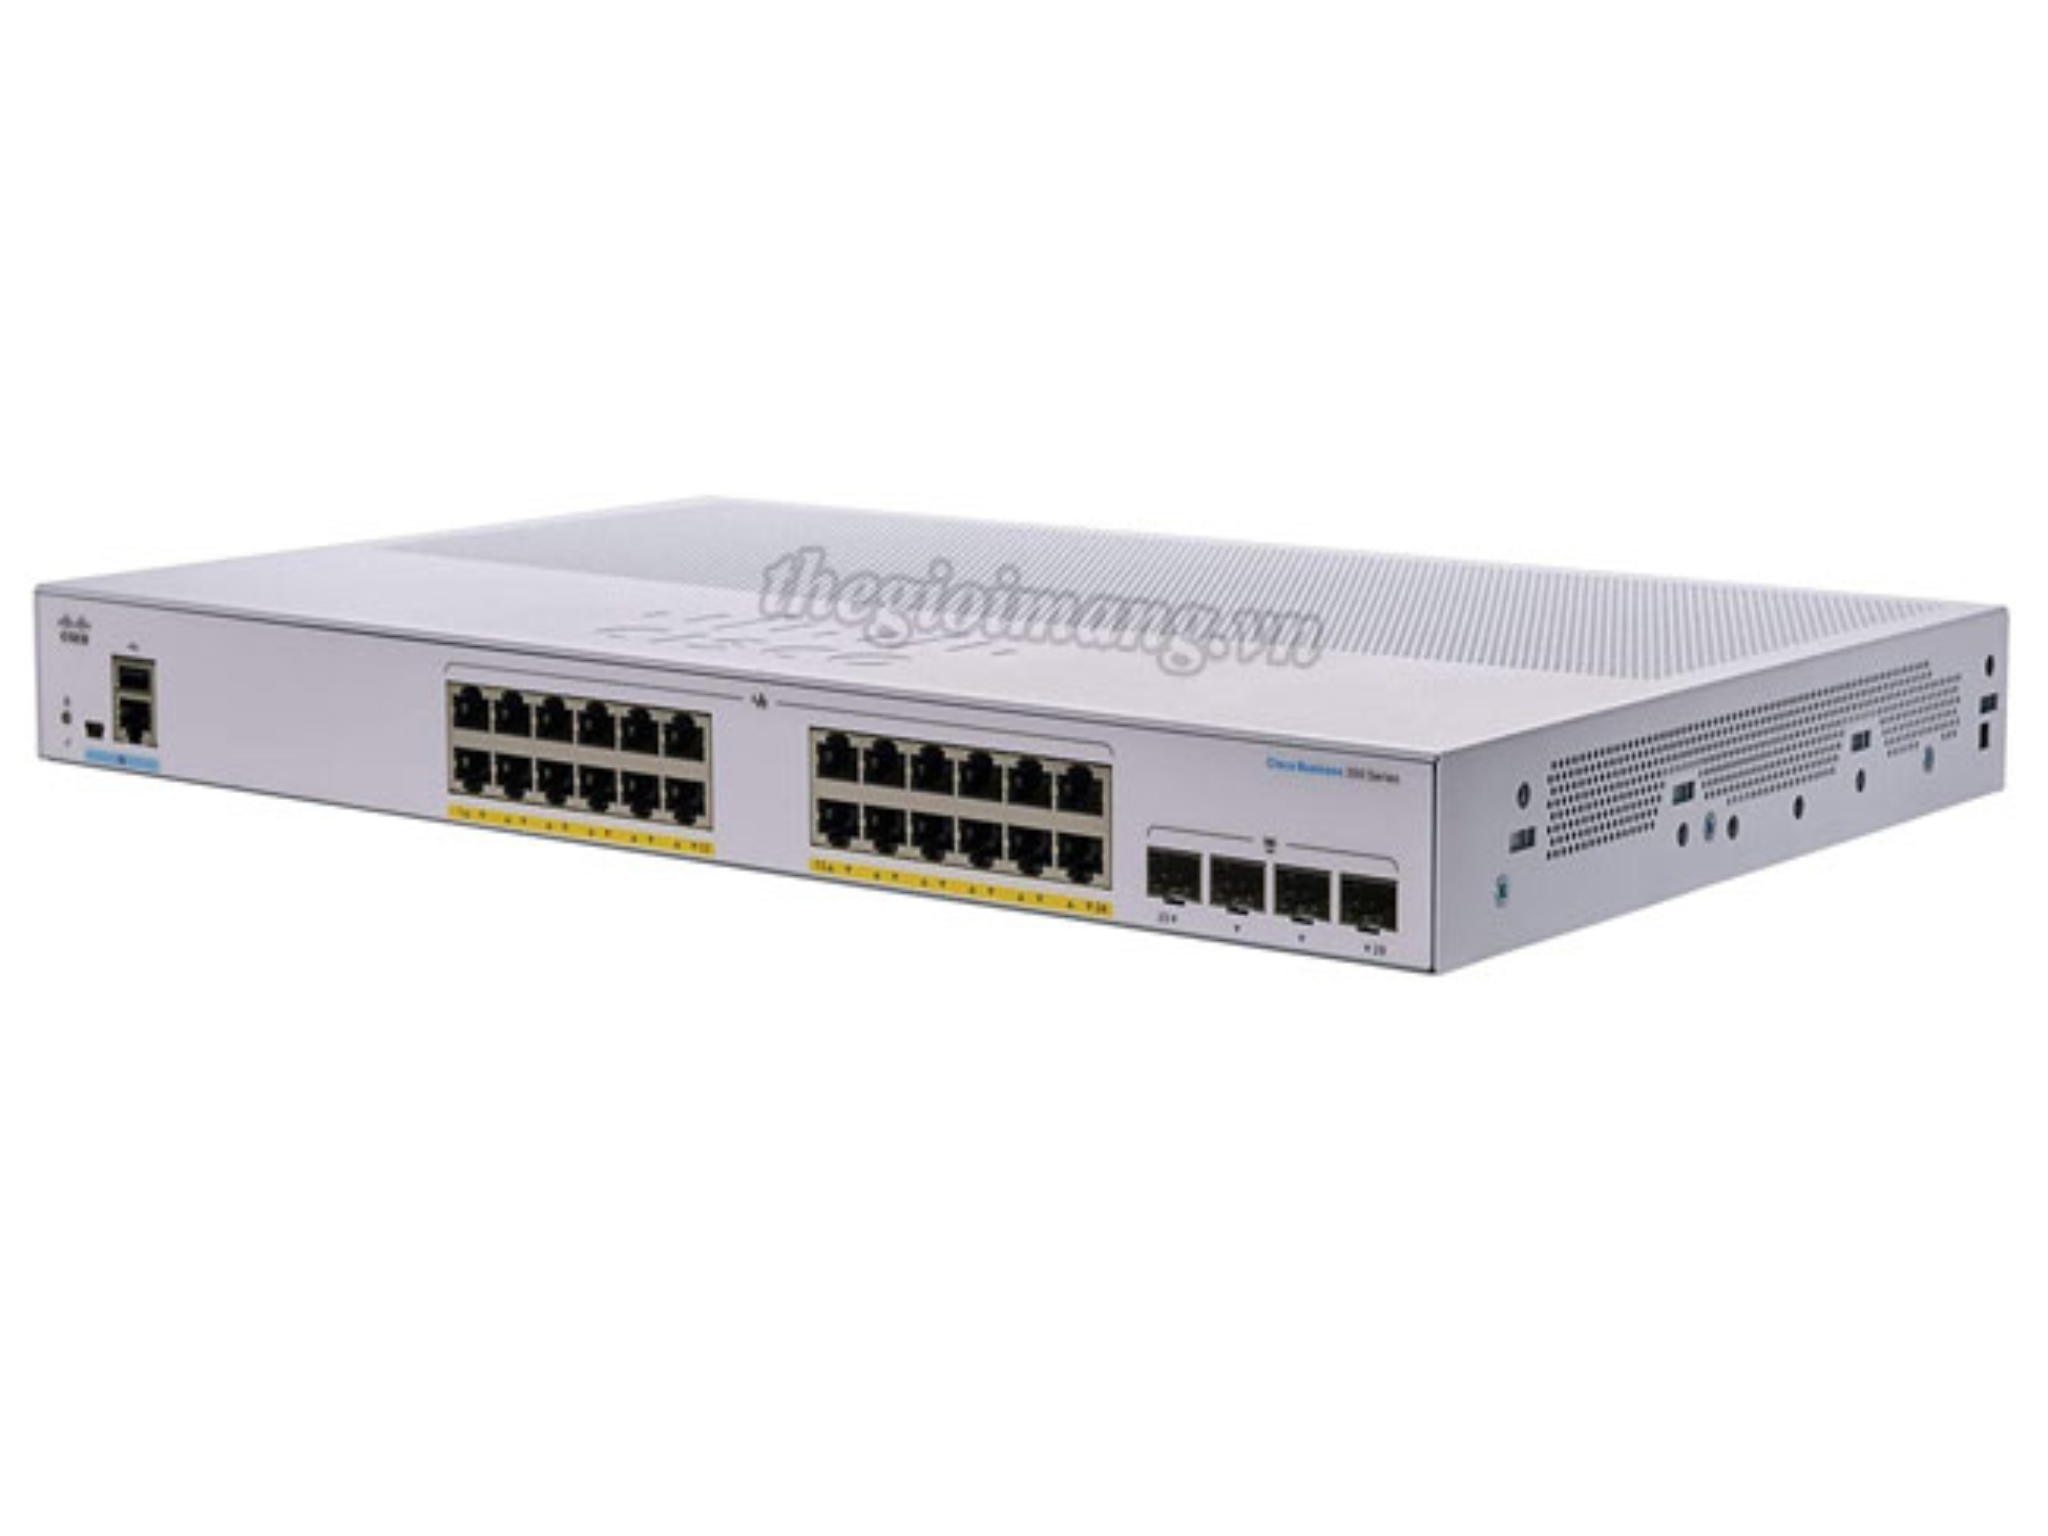 Cisco CBS350-24FP-4G-EU